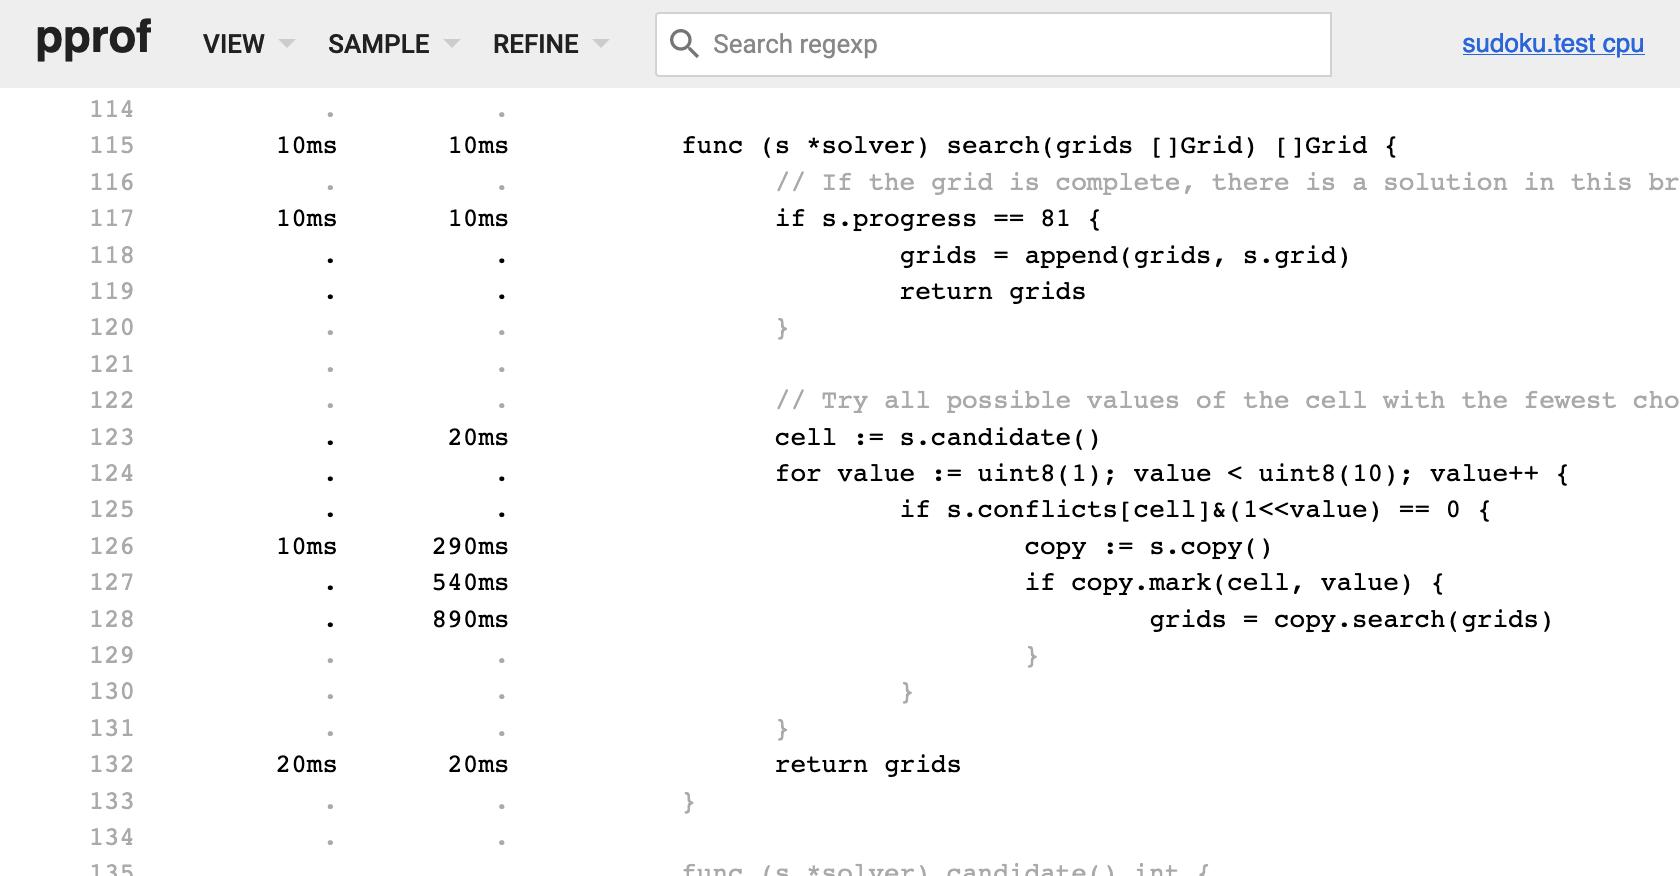 6 - CPU profile of search